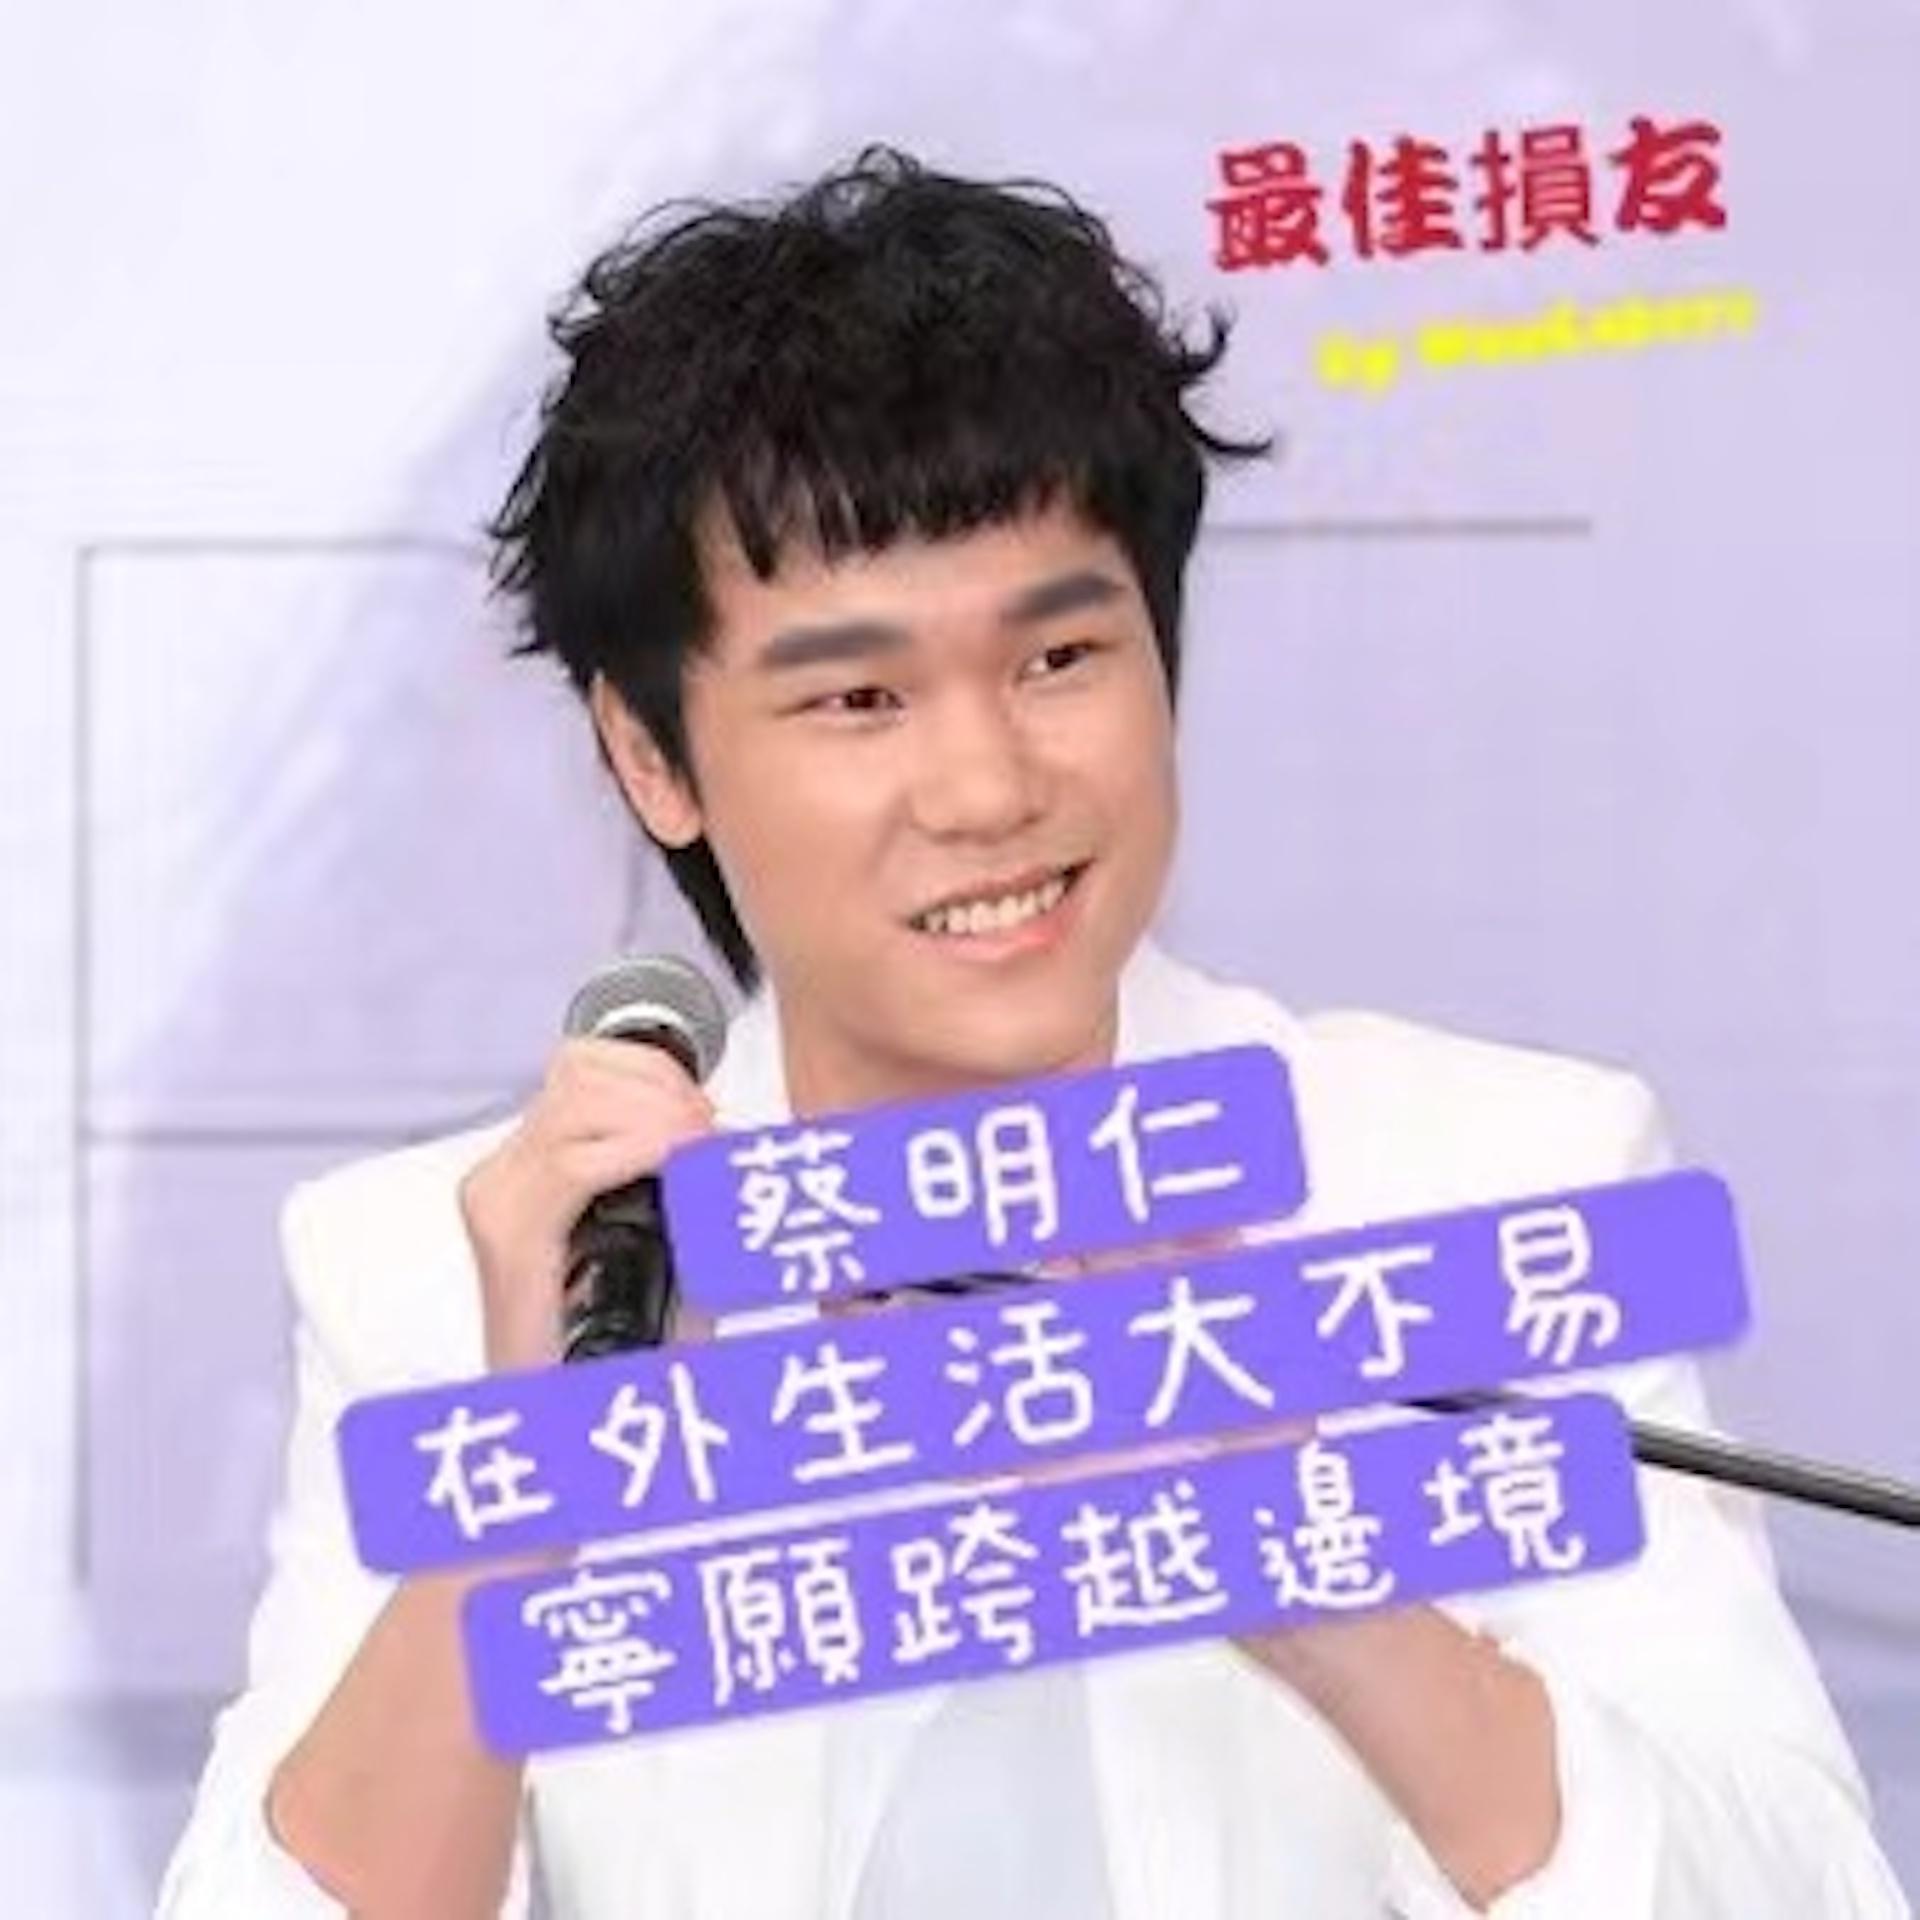 EP. 26 擁有9億點擊的大馬歌手蔡明仁,第一次給了老闆@最佳損友by WowLakers